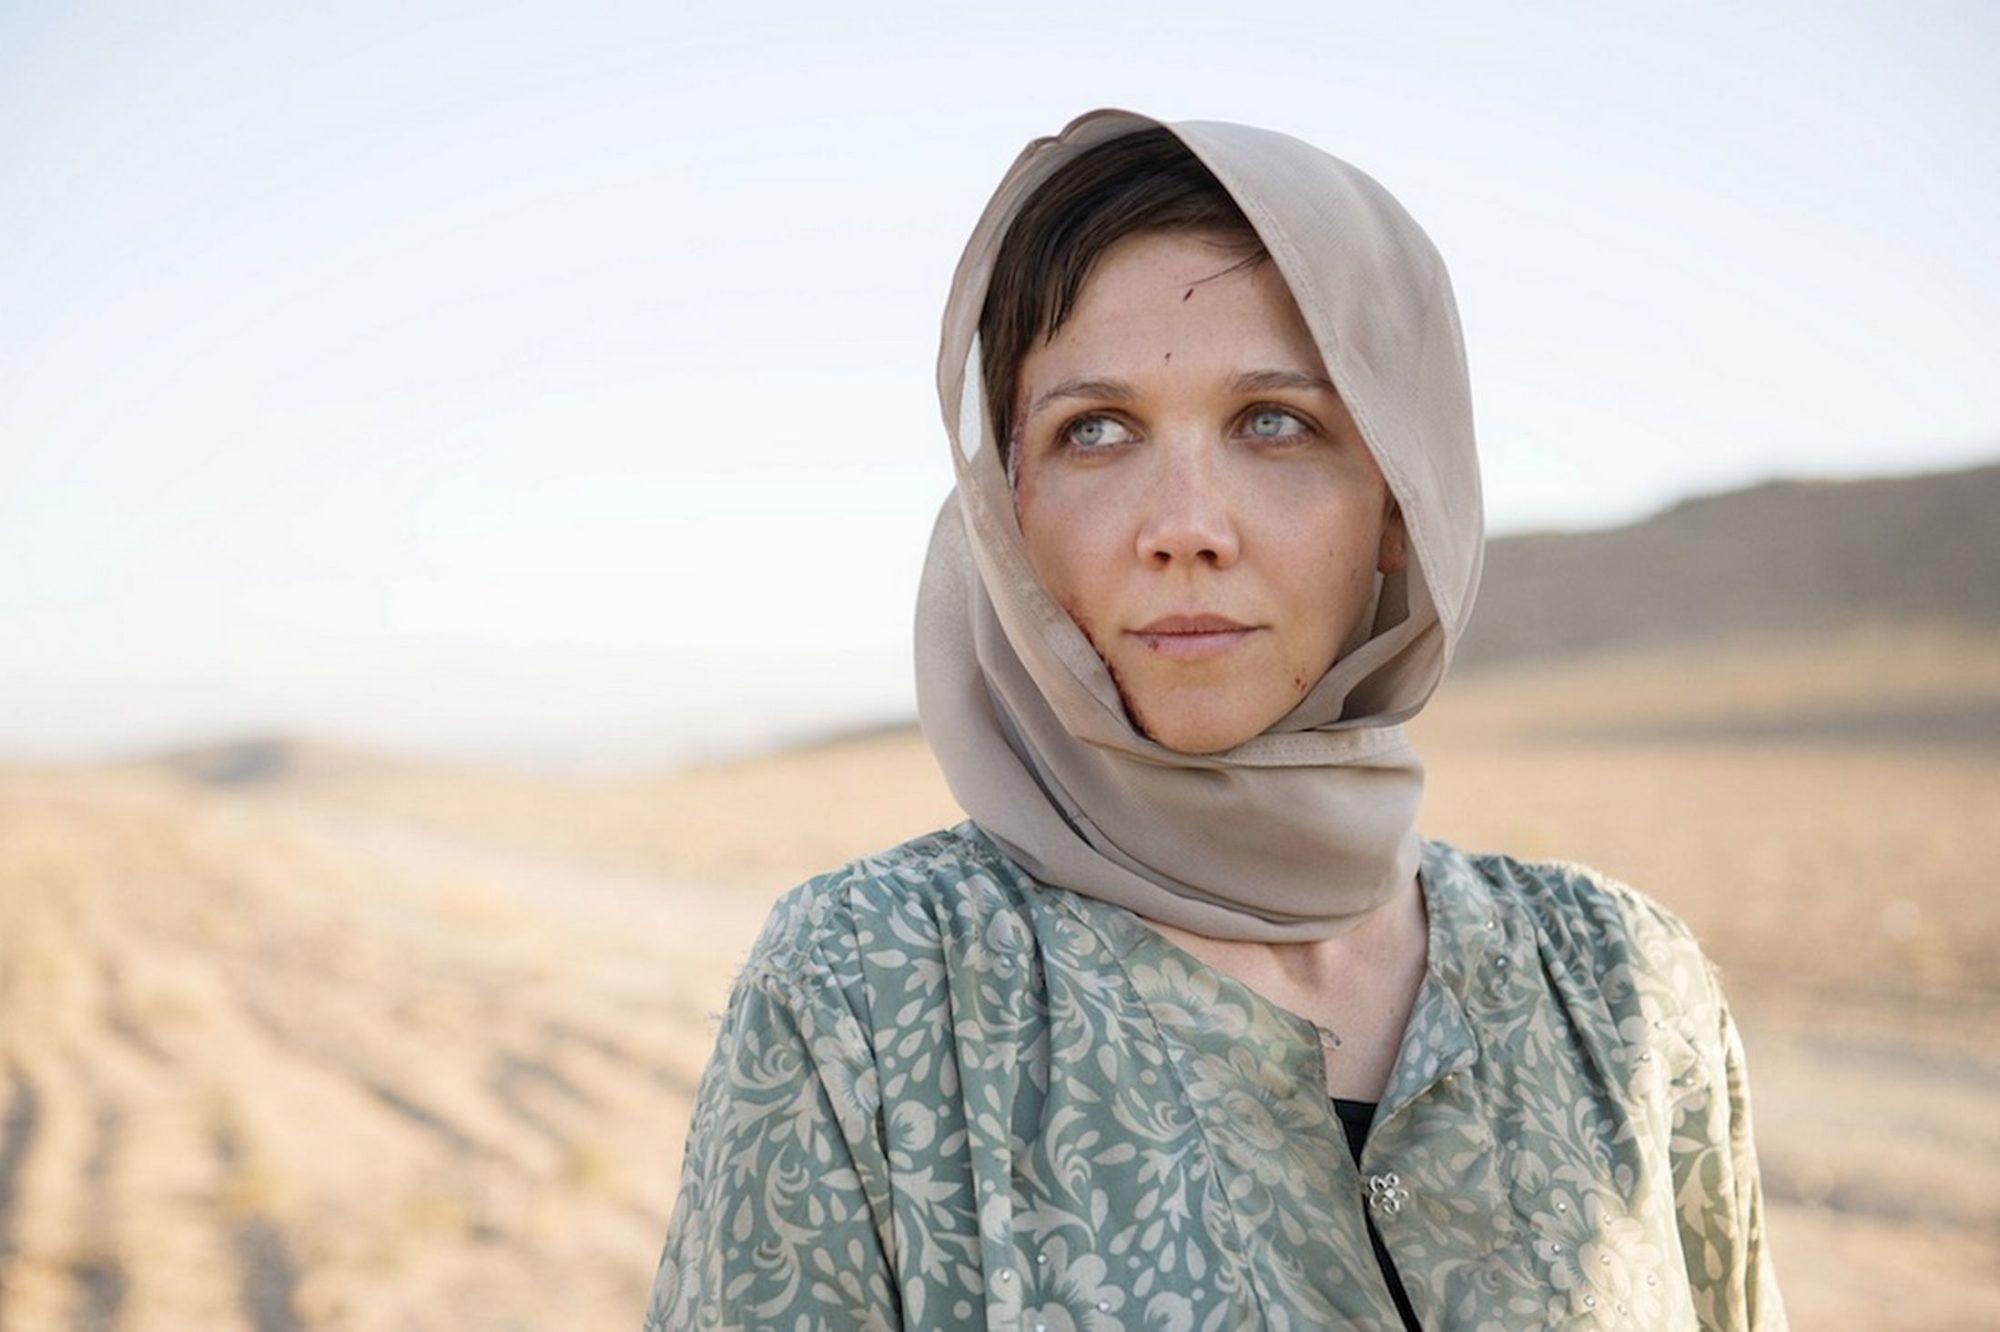 Maggie-Gyllenhaal-in-the-Honourable-Woman-1